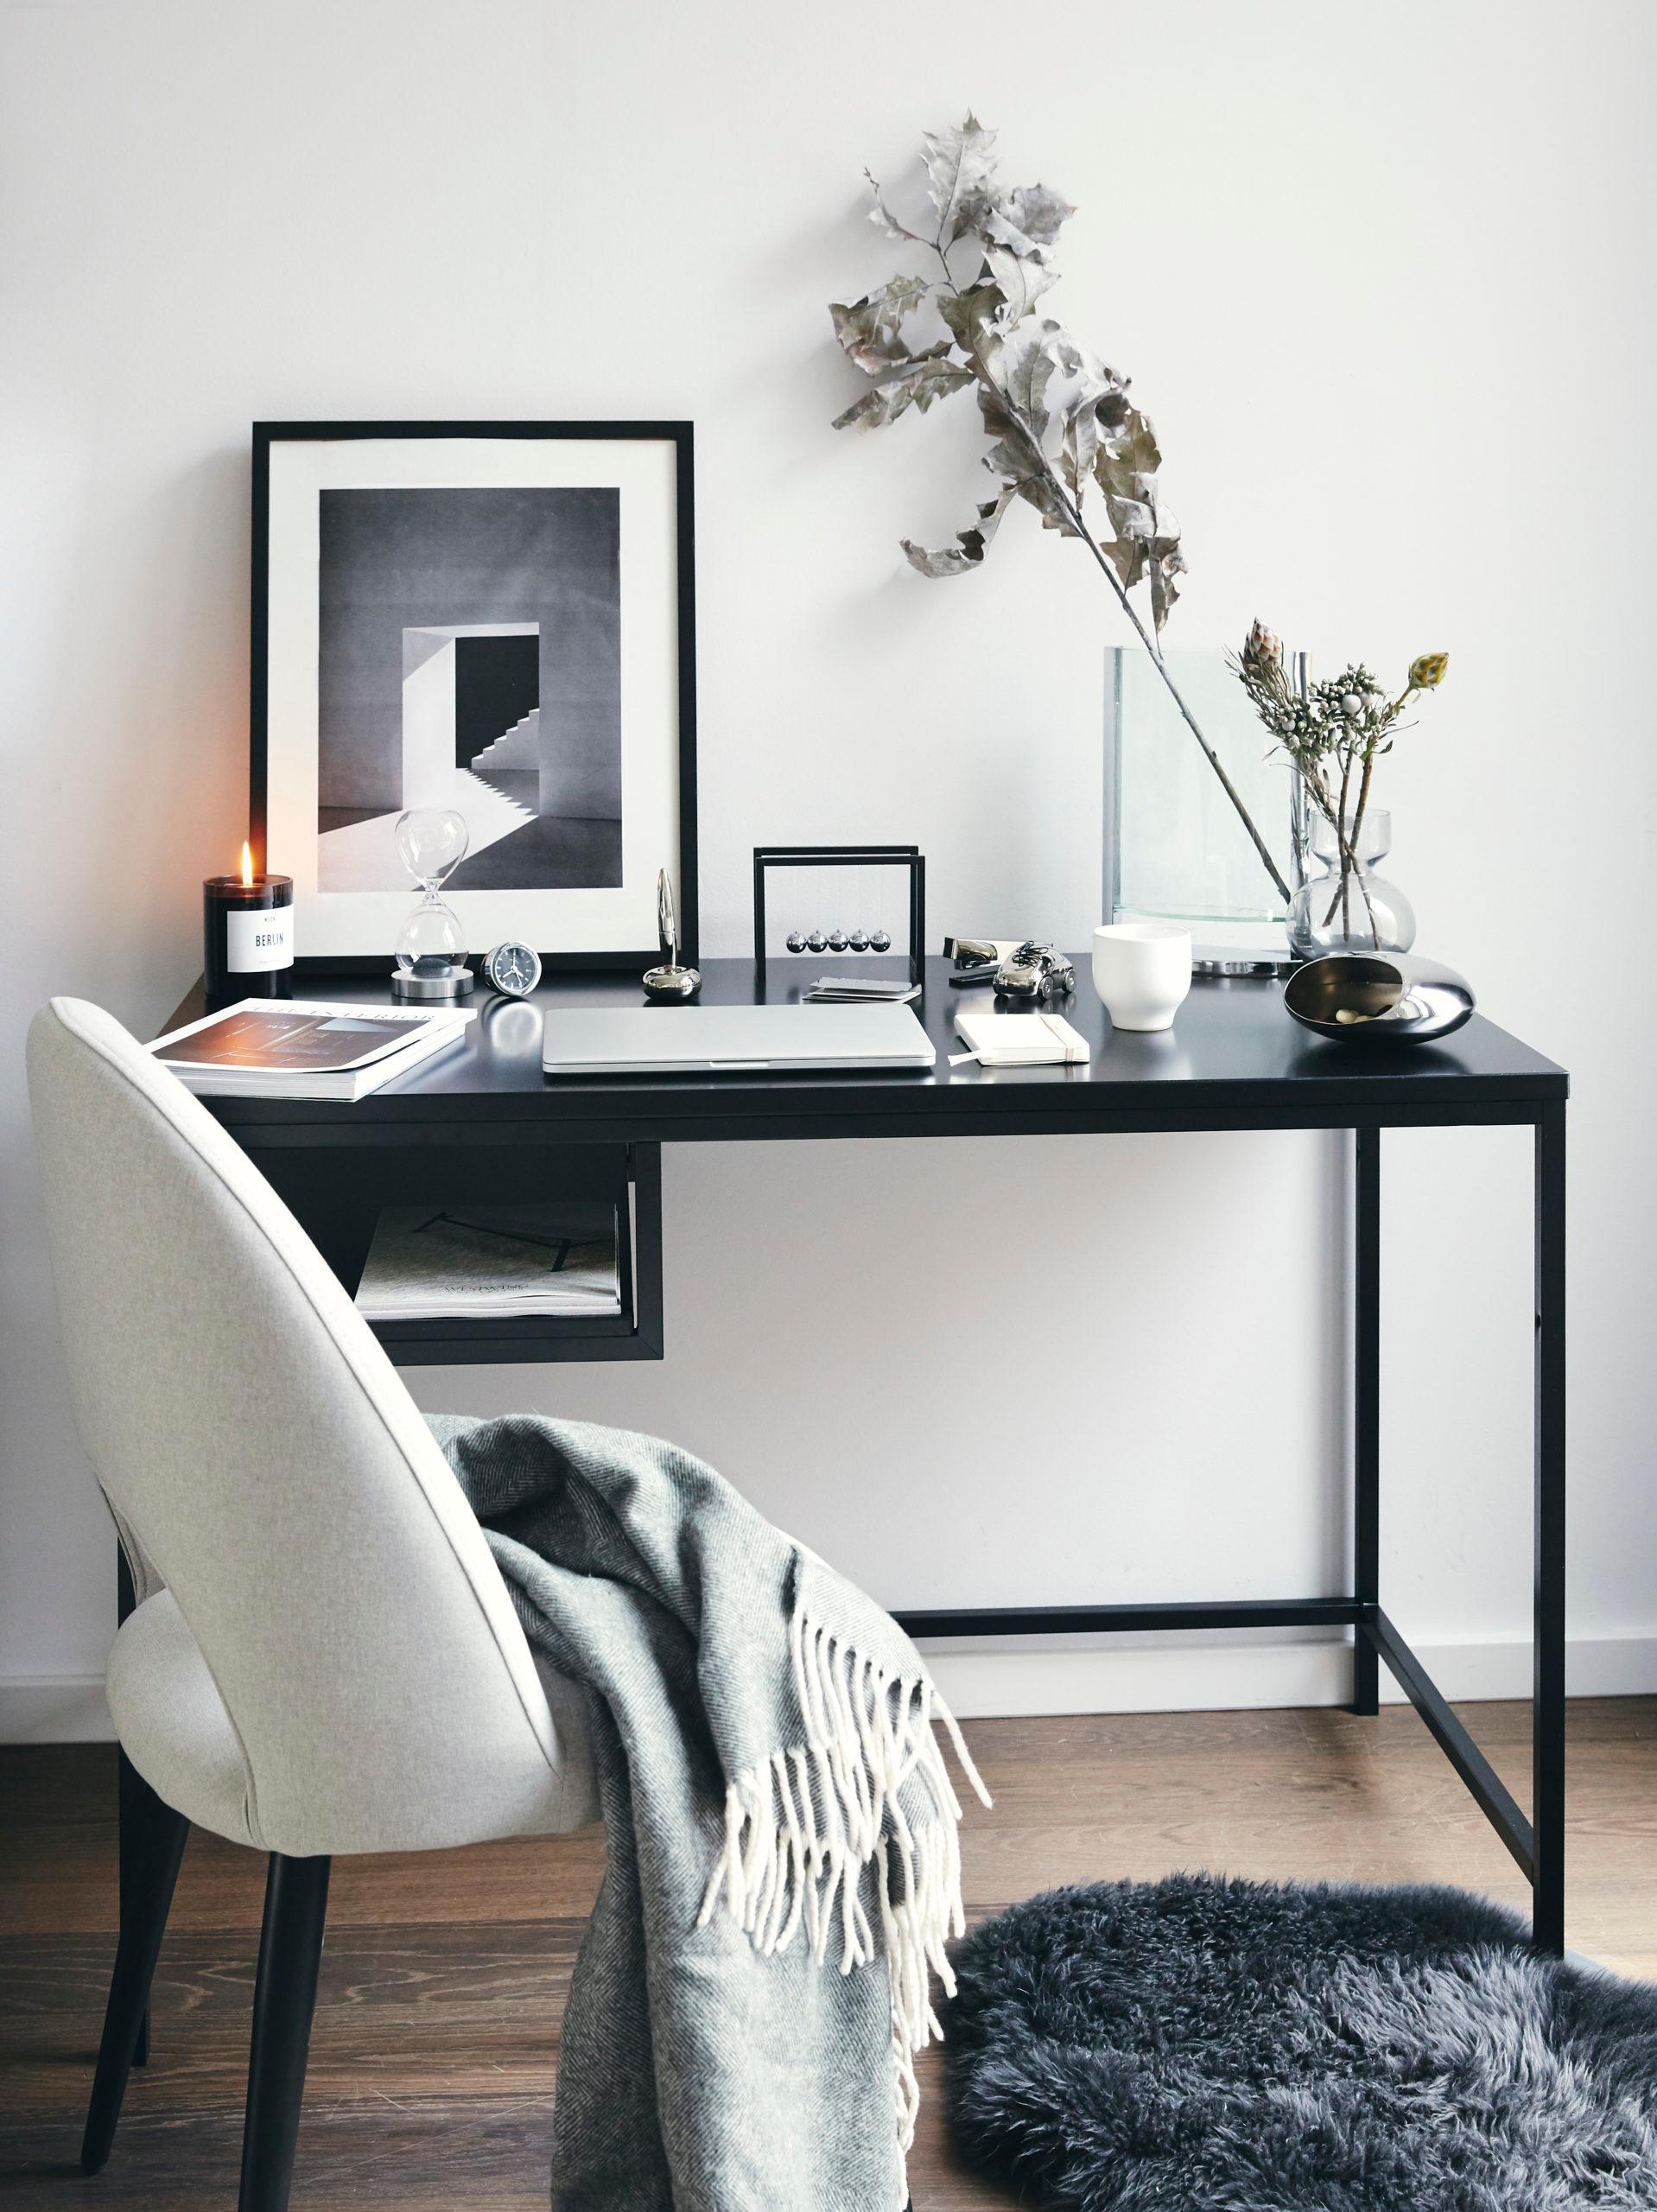 Beste Dagelijkse luxe: een modern kantoor   Ontdek mogelijkheden   Westwing JY-66